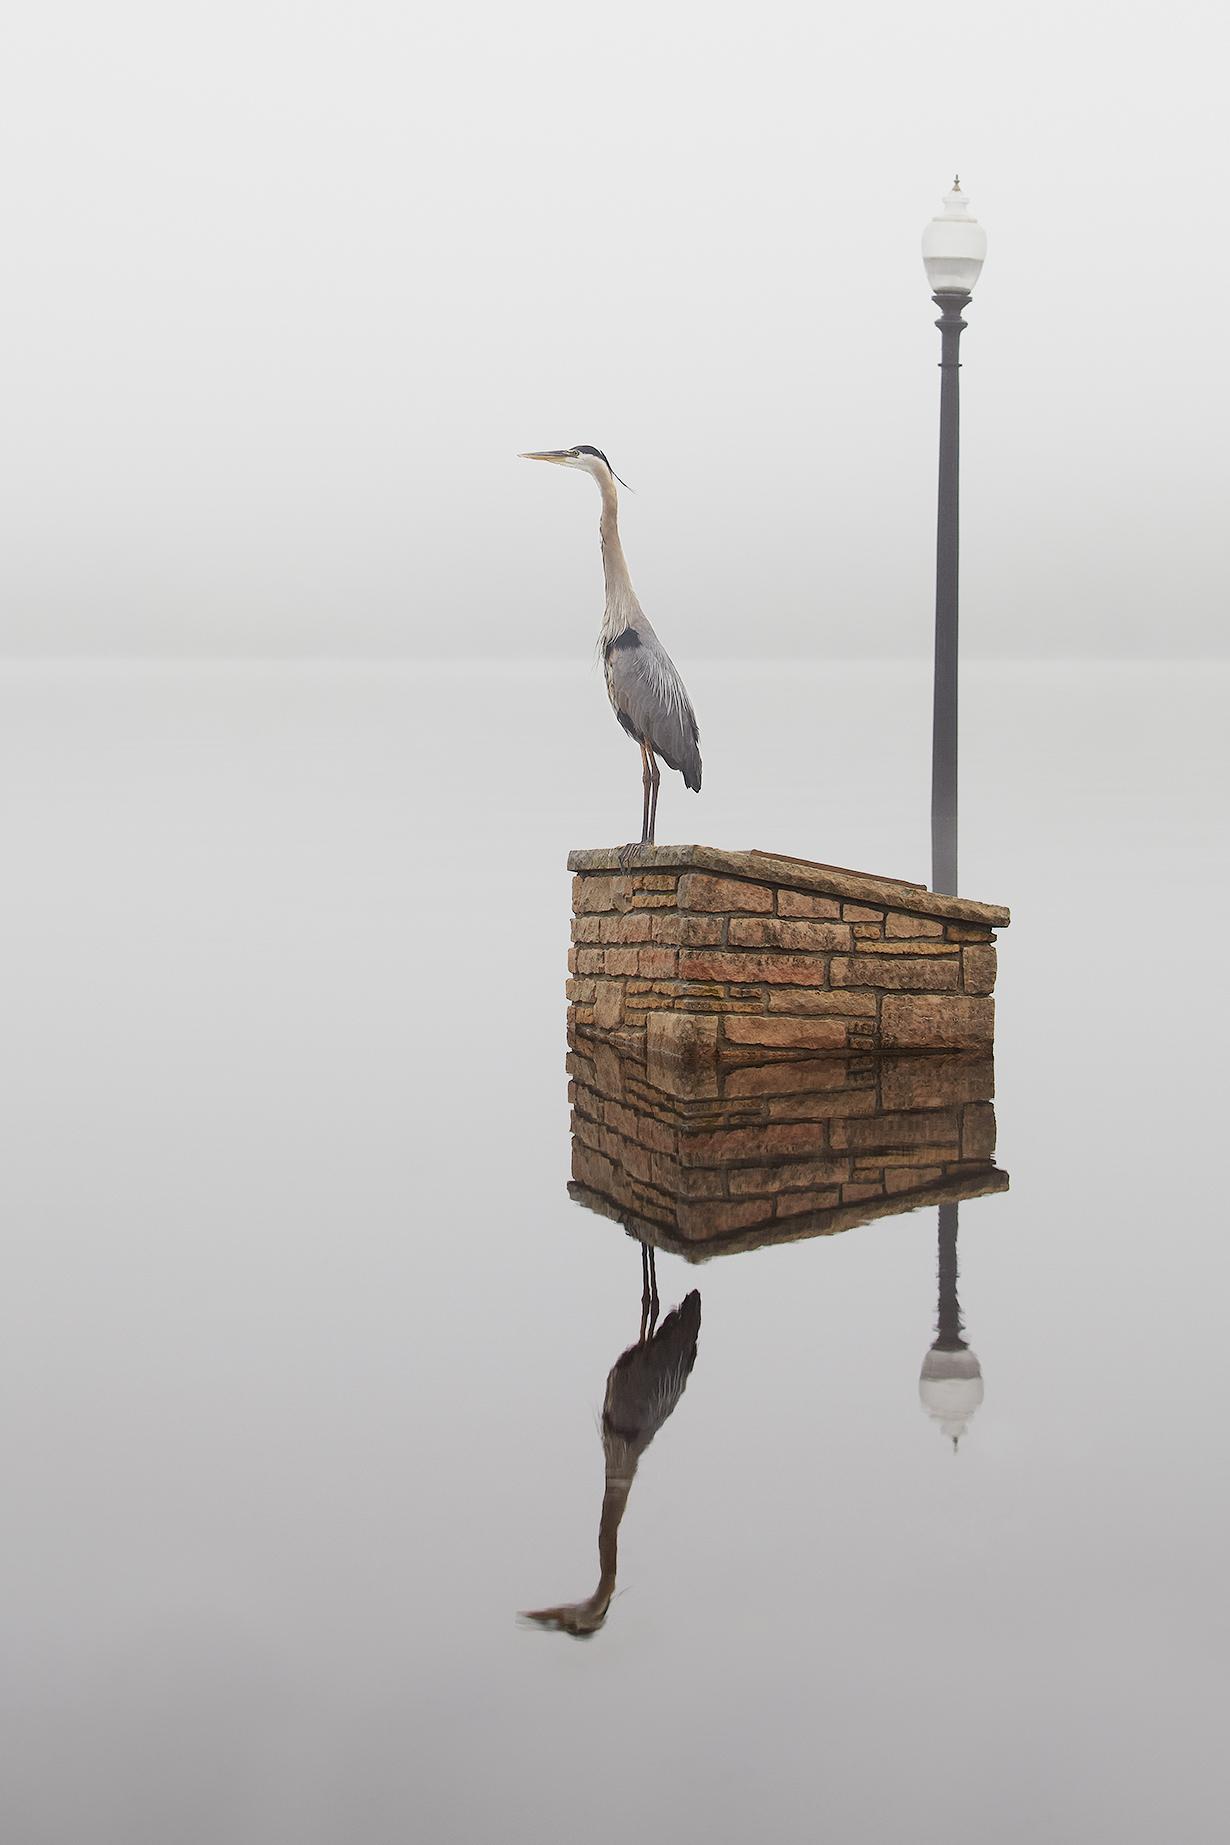 Stillwater Heron_4x6.jpg